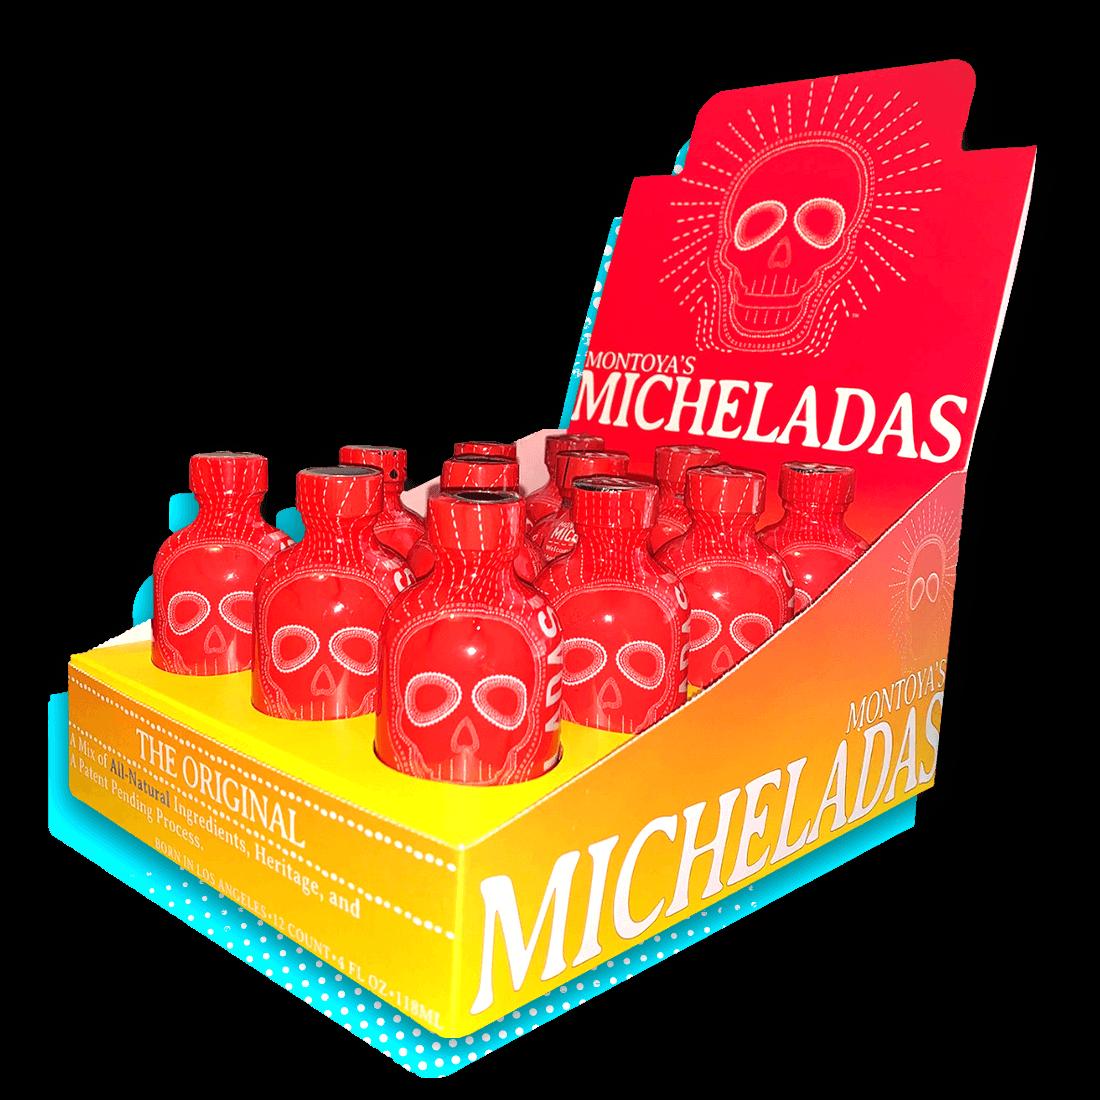 12 Pack of Montoya's Micheladas